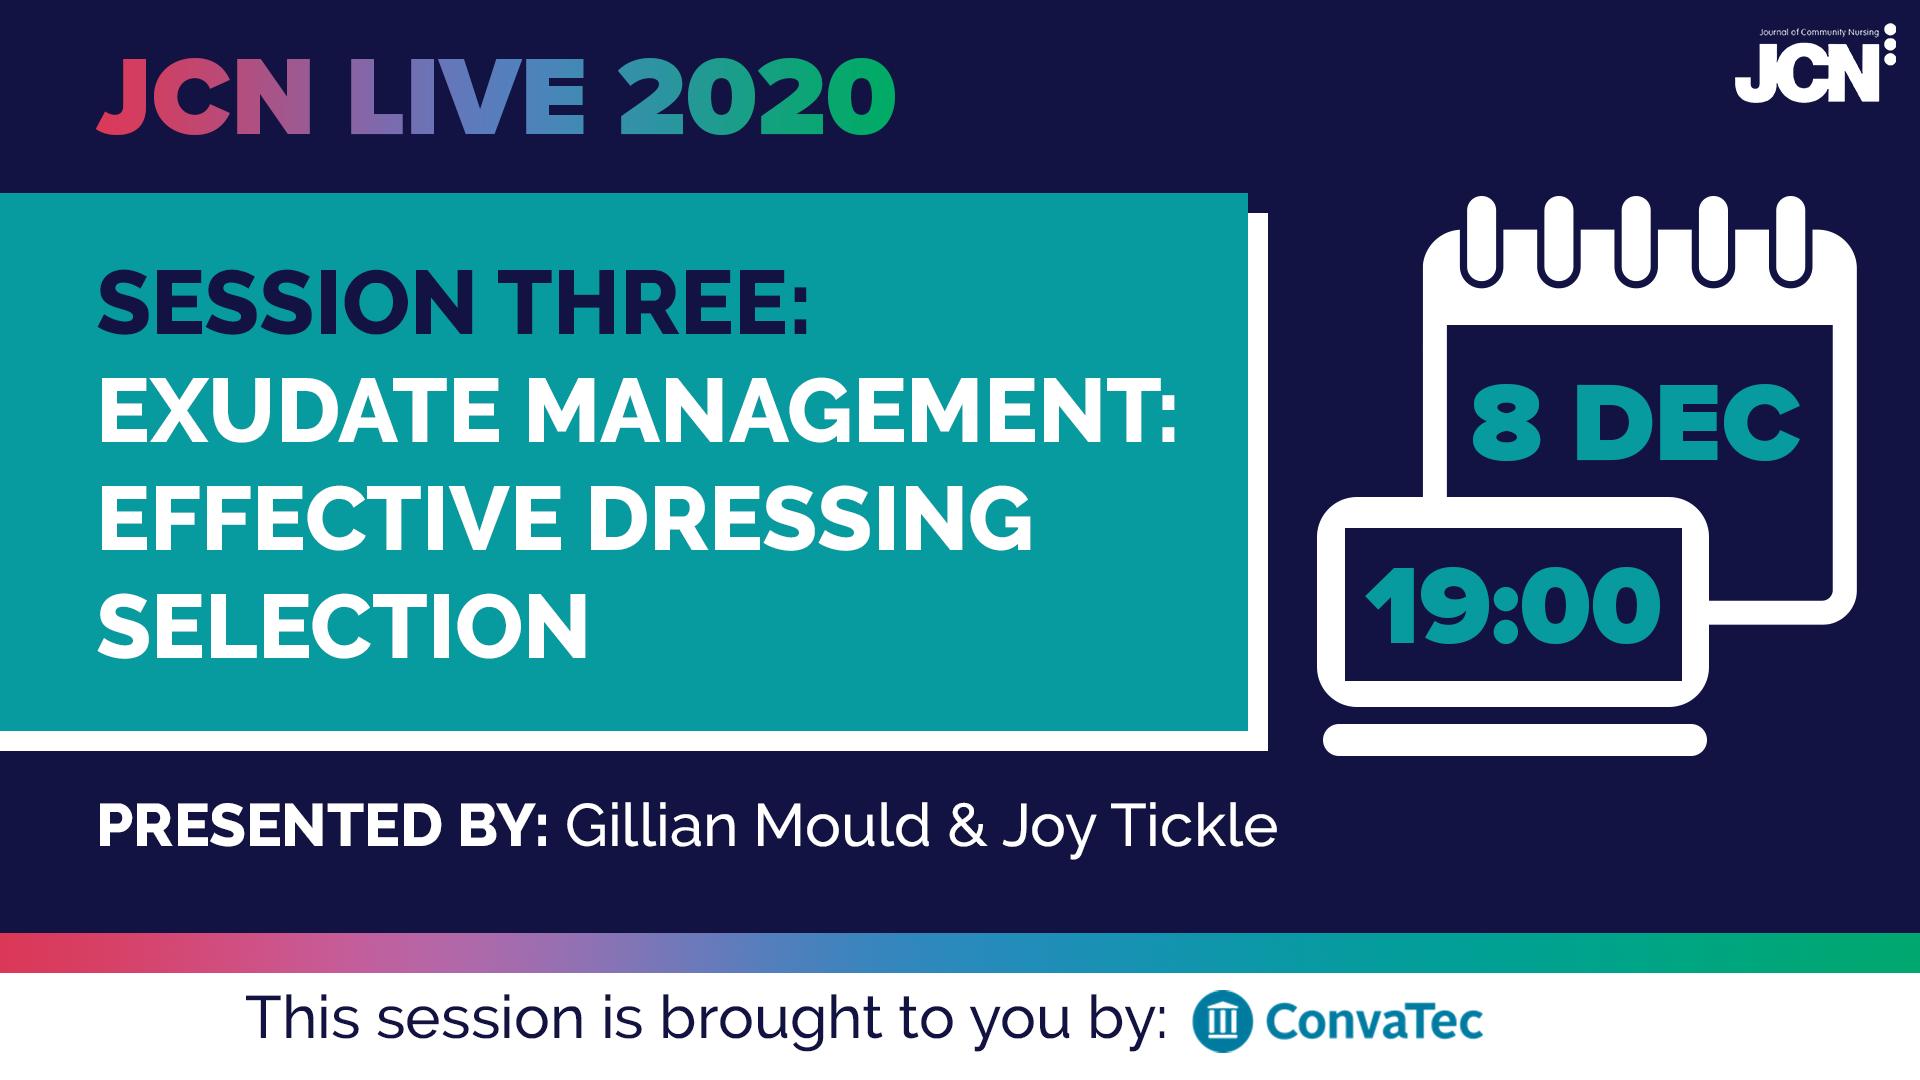 JCN Live 2020: Exudate management - effective dressing selection